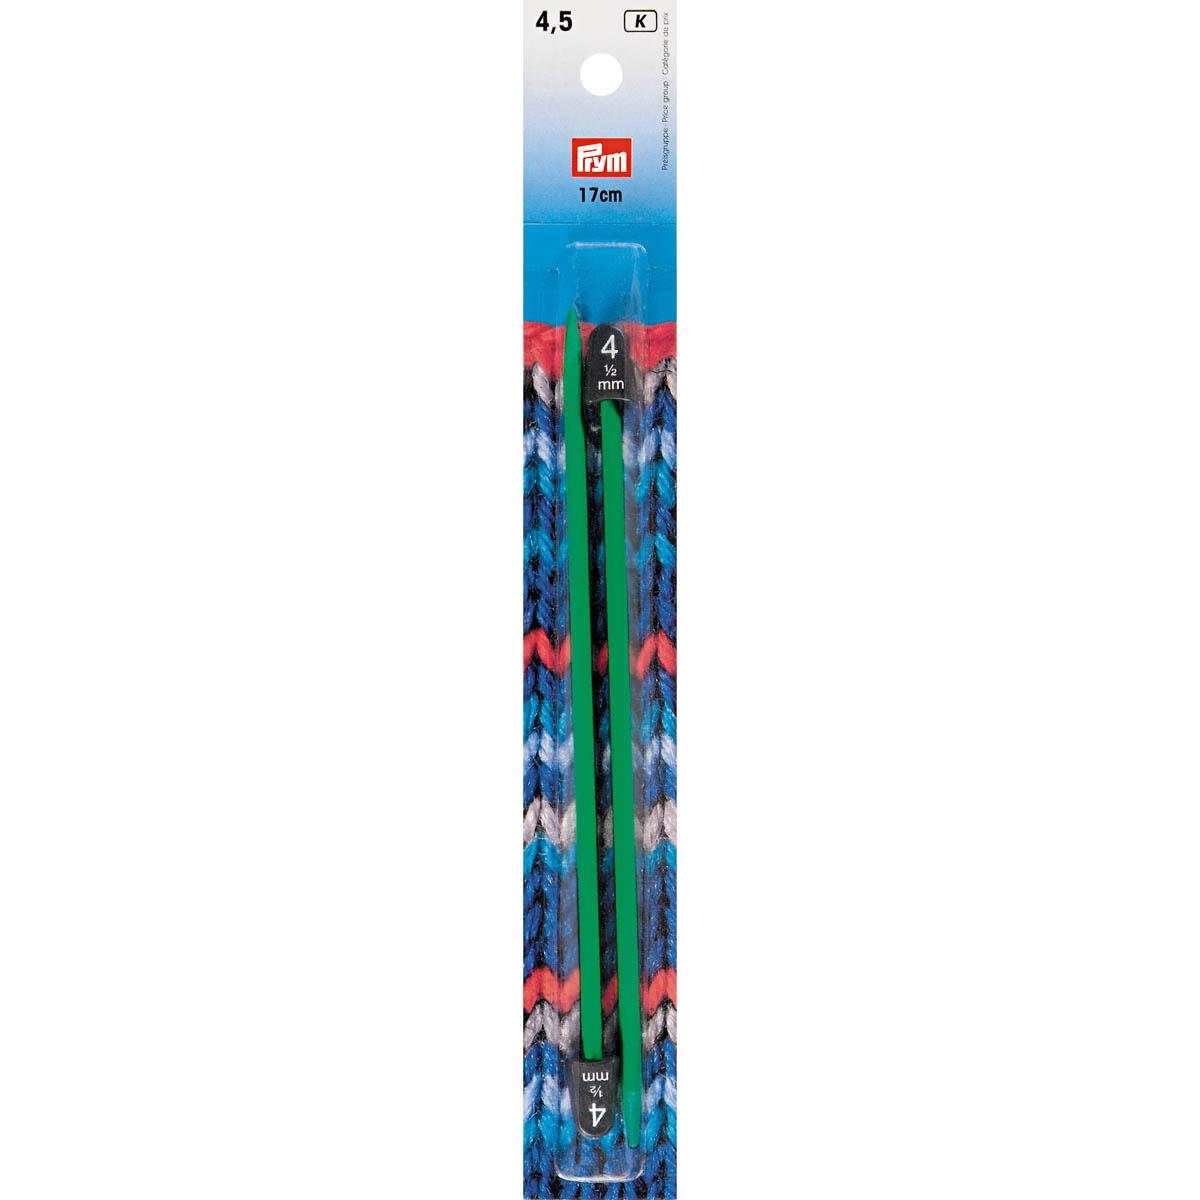 218403 Cпицы детские пластик 4,50 мм / 17 см зеленый 2шт. Prym